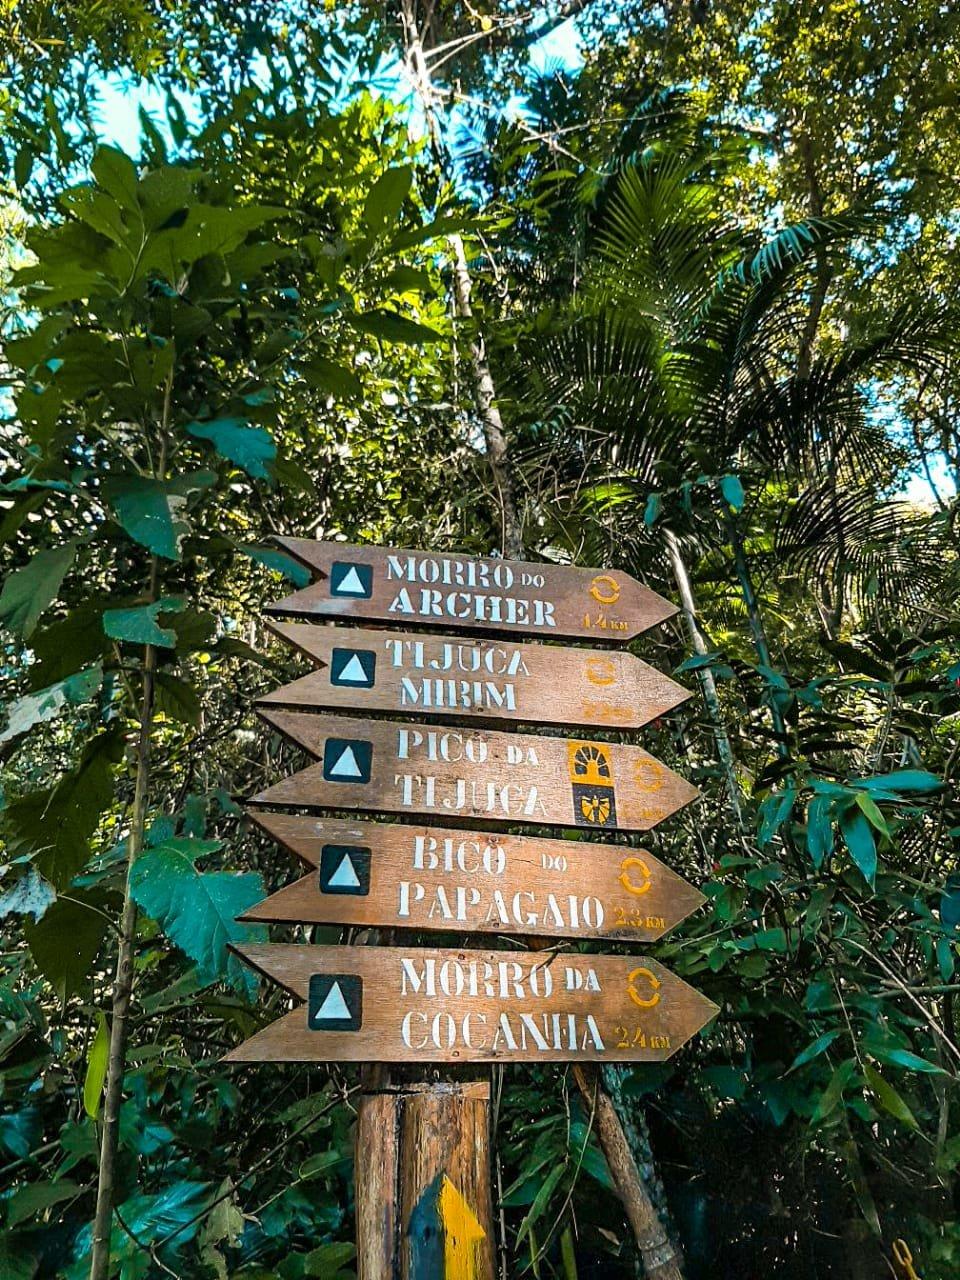 Imagem de uma placa de madeira que sinaliza os atrativos do Parque Nacional da Tijuca. Cada nome de atrativo está pintado com tinta branca em uma placa de madeira com formato de seta. Alguns logos e a distância de cada atrativo também estão pintados na planta. Algumas árvores e muitas folhas verdes fazem parte do fundo da imagem.